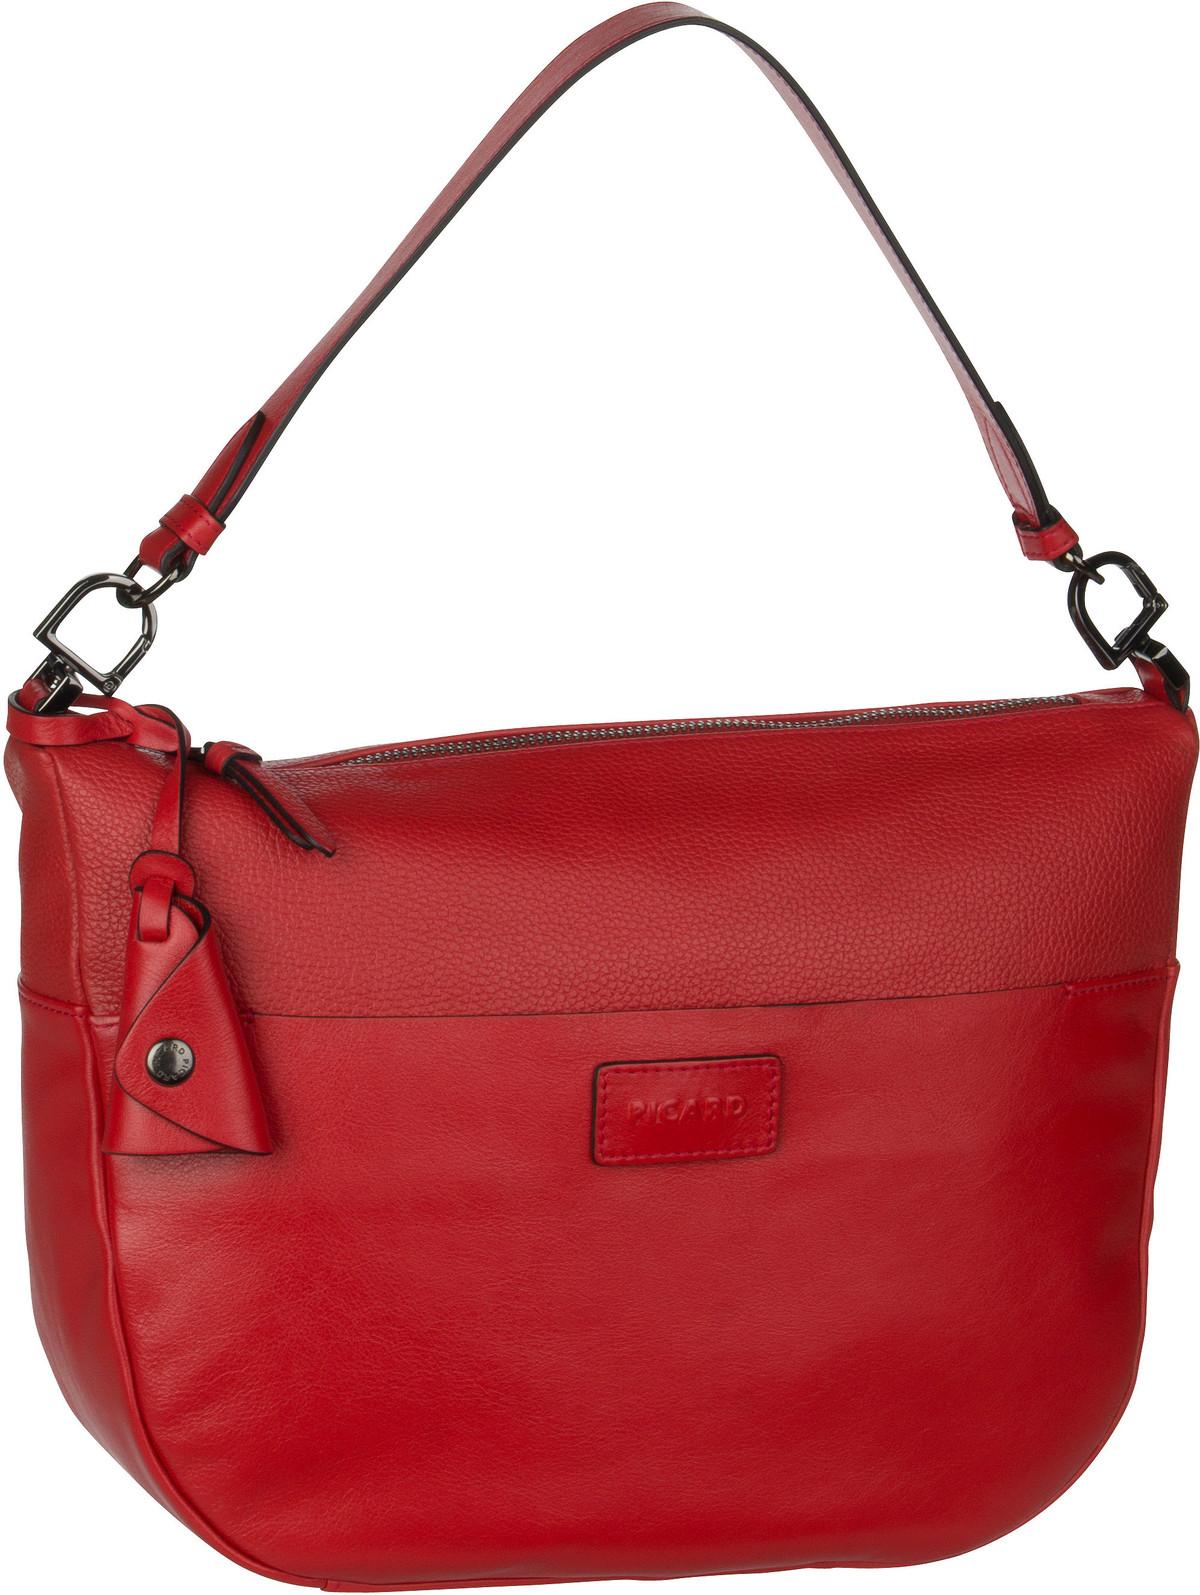 Handtasche Rendezvous 9543 Lipstick